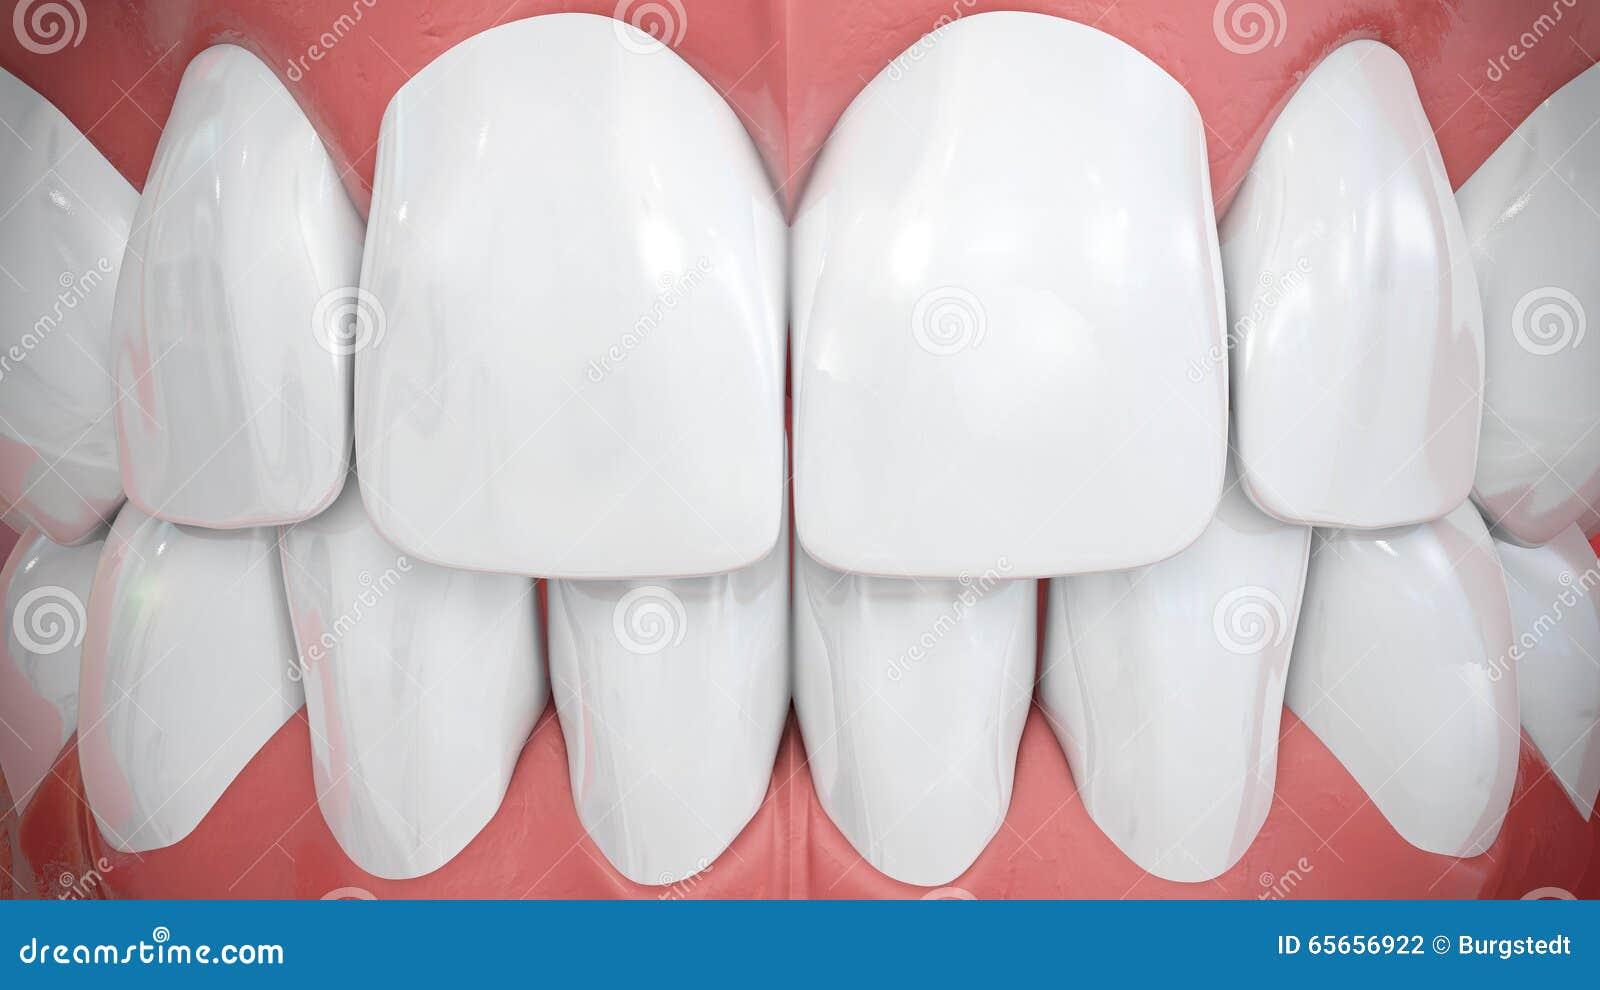 Opinión frontal sobre los dientes anteriores blancos chispeantes